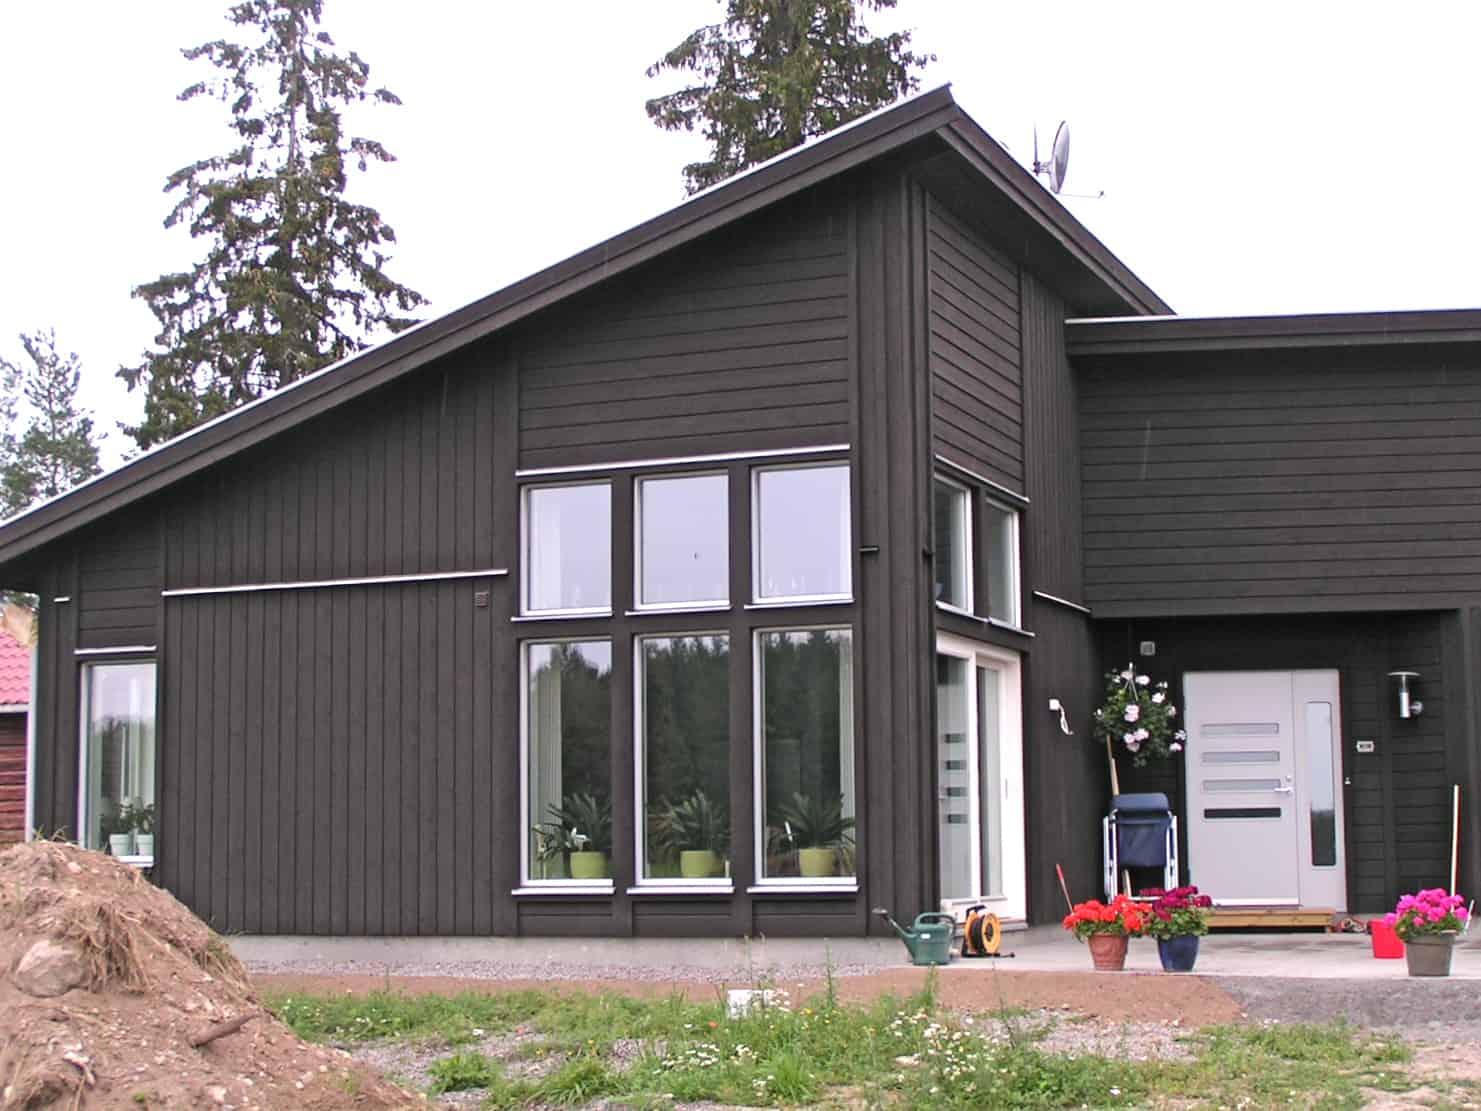 Houten huis verven moose f rg zweedse houtverf zeer kosteneffectief for Hout huis